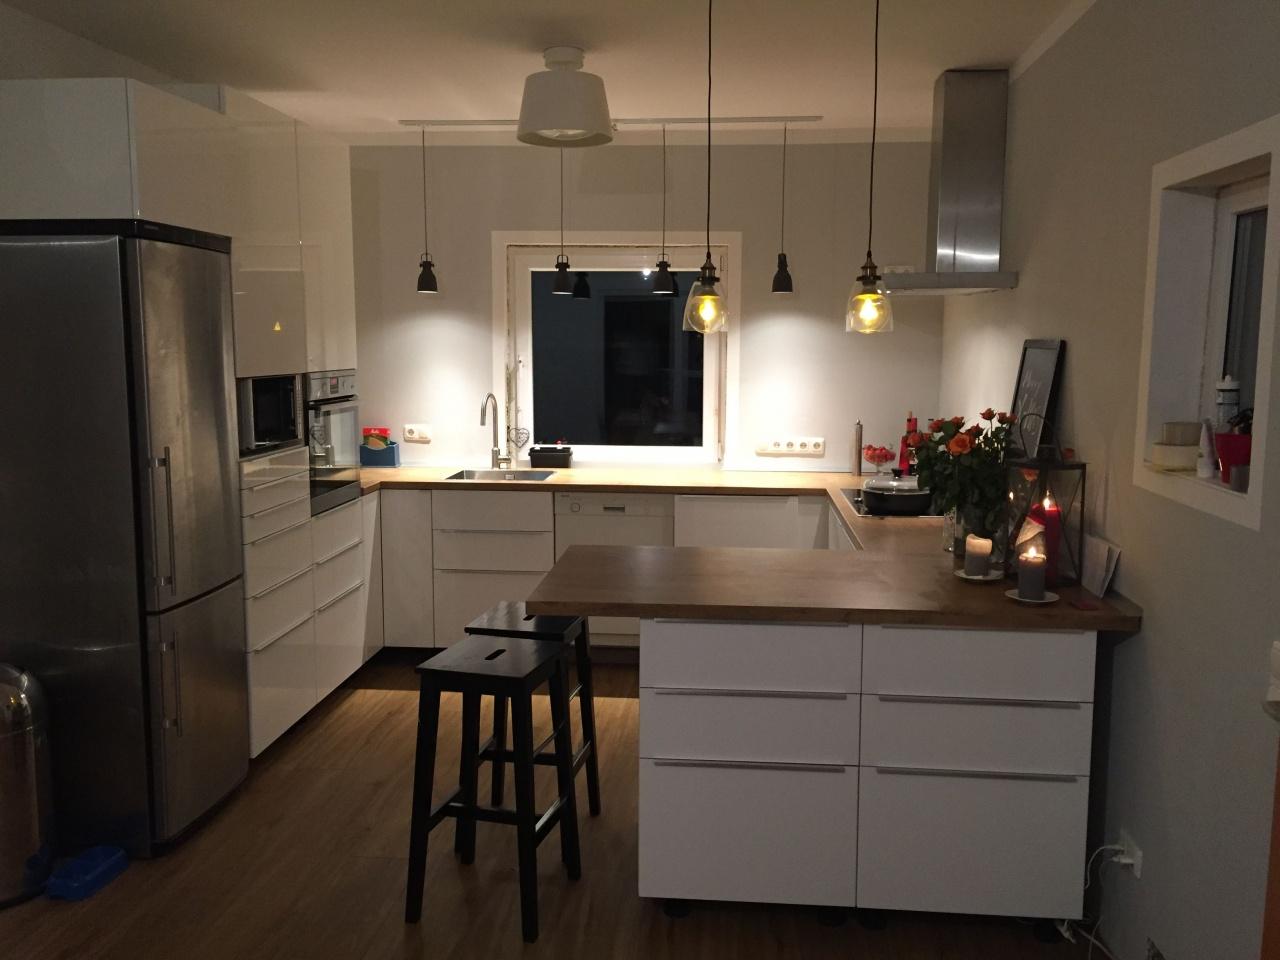 Full Size of Ikea Theke Kche Neue Alte Zementplatten In Einer Modernen Sofa Mit Schlaffunktion Küche Kosten Miniküche Betten Bei 160x200 Kaufen Modulküche Wohnzimmer Ikea Küchentheke